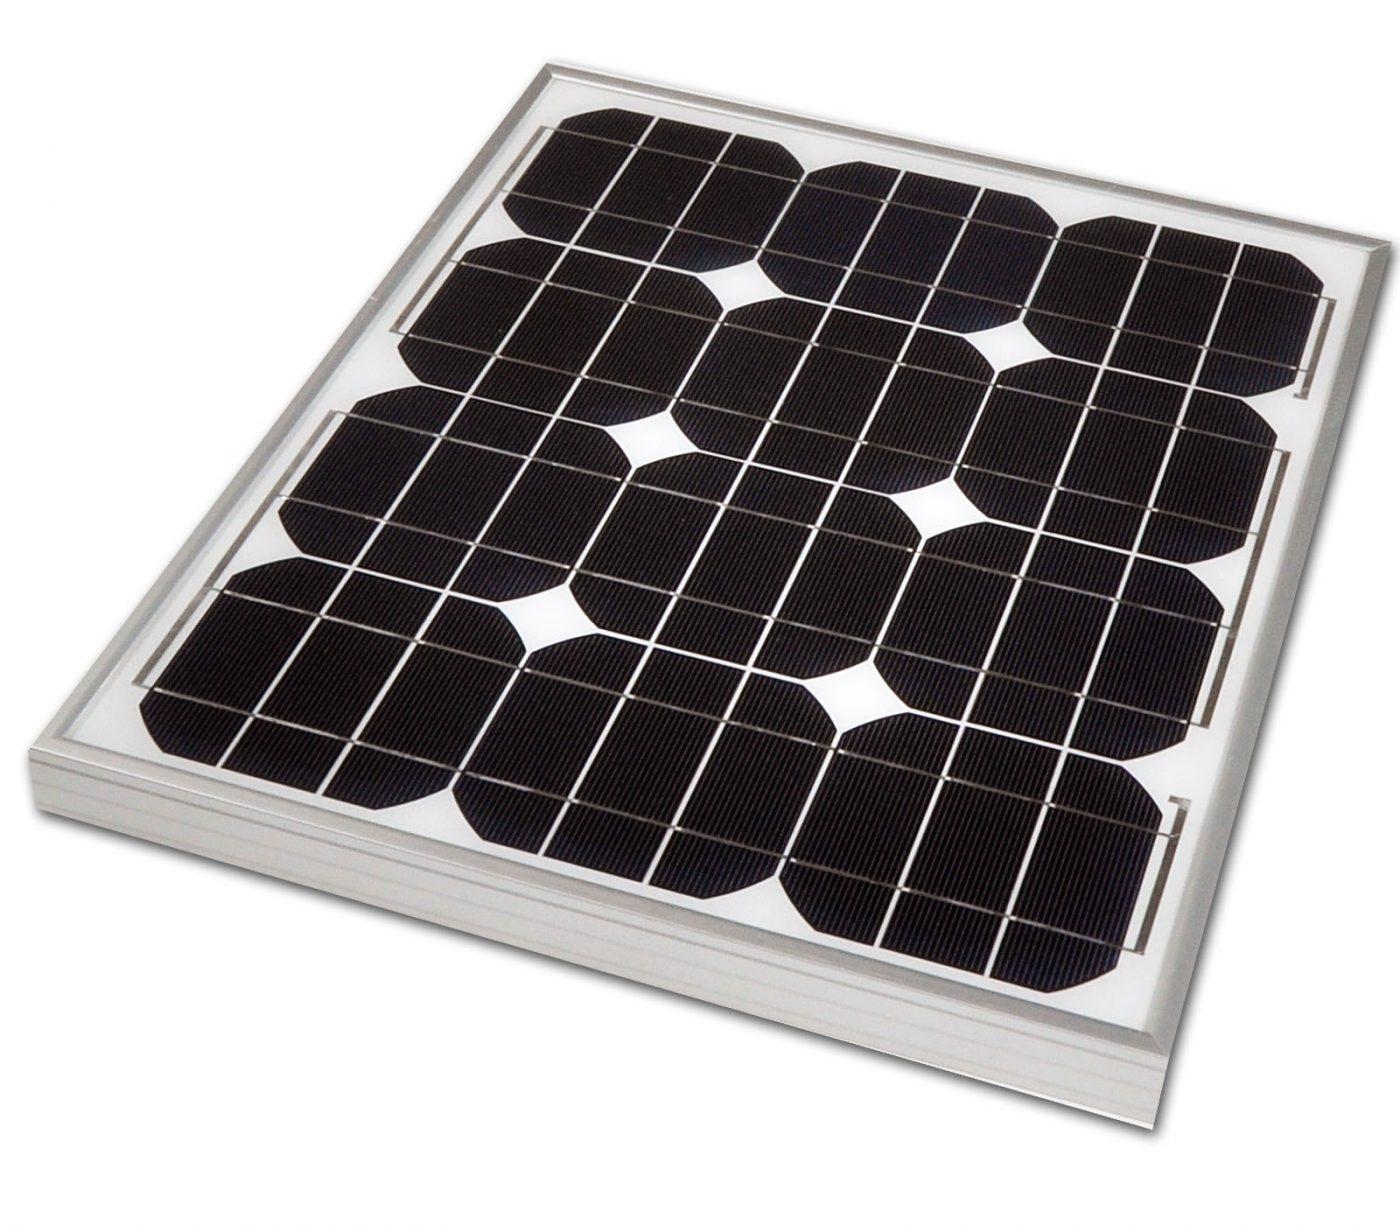 12v 20w Solar Panel Monocrystalline 426x356 Fully